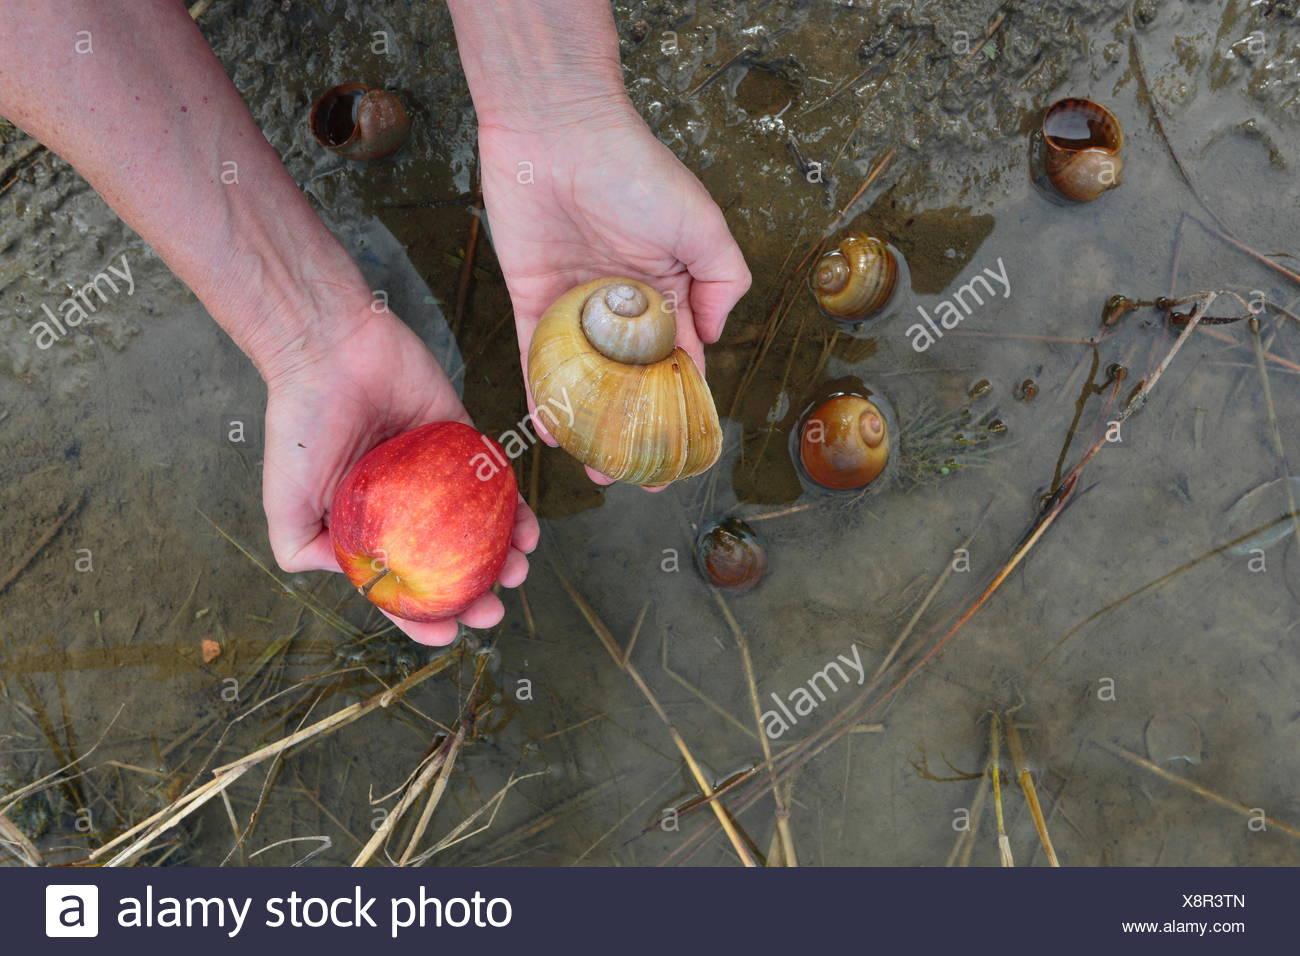 Un confronto tra una lumaca Apple, Pomacea paludosa e un apple. Immagini Stock